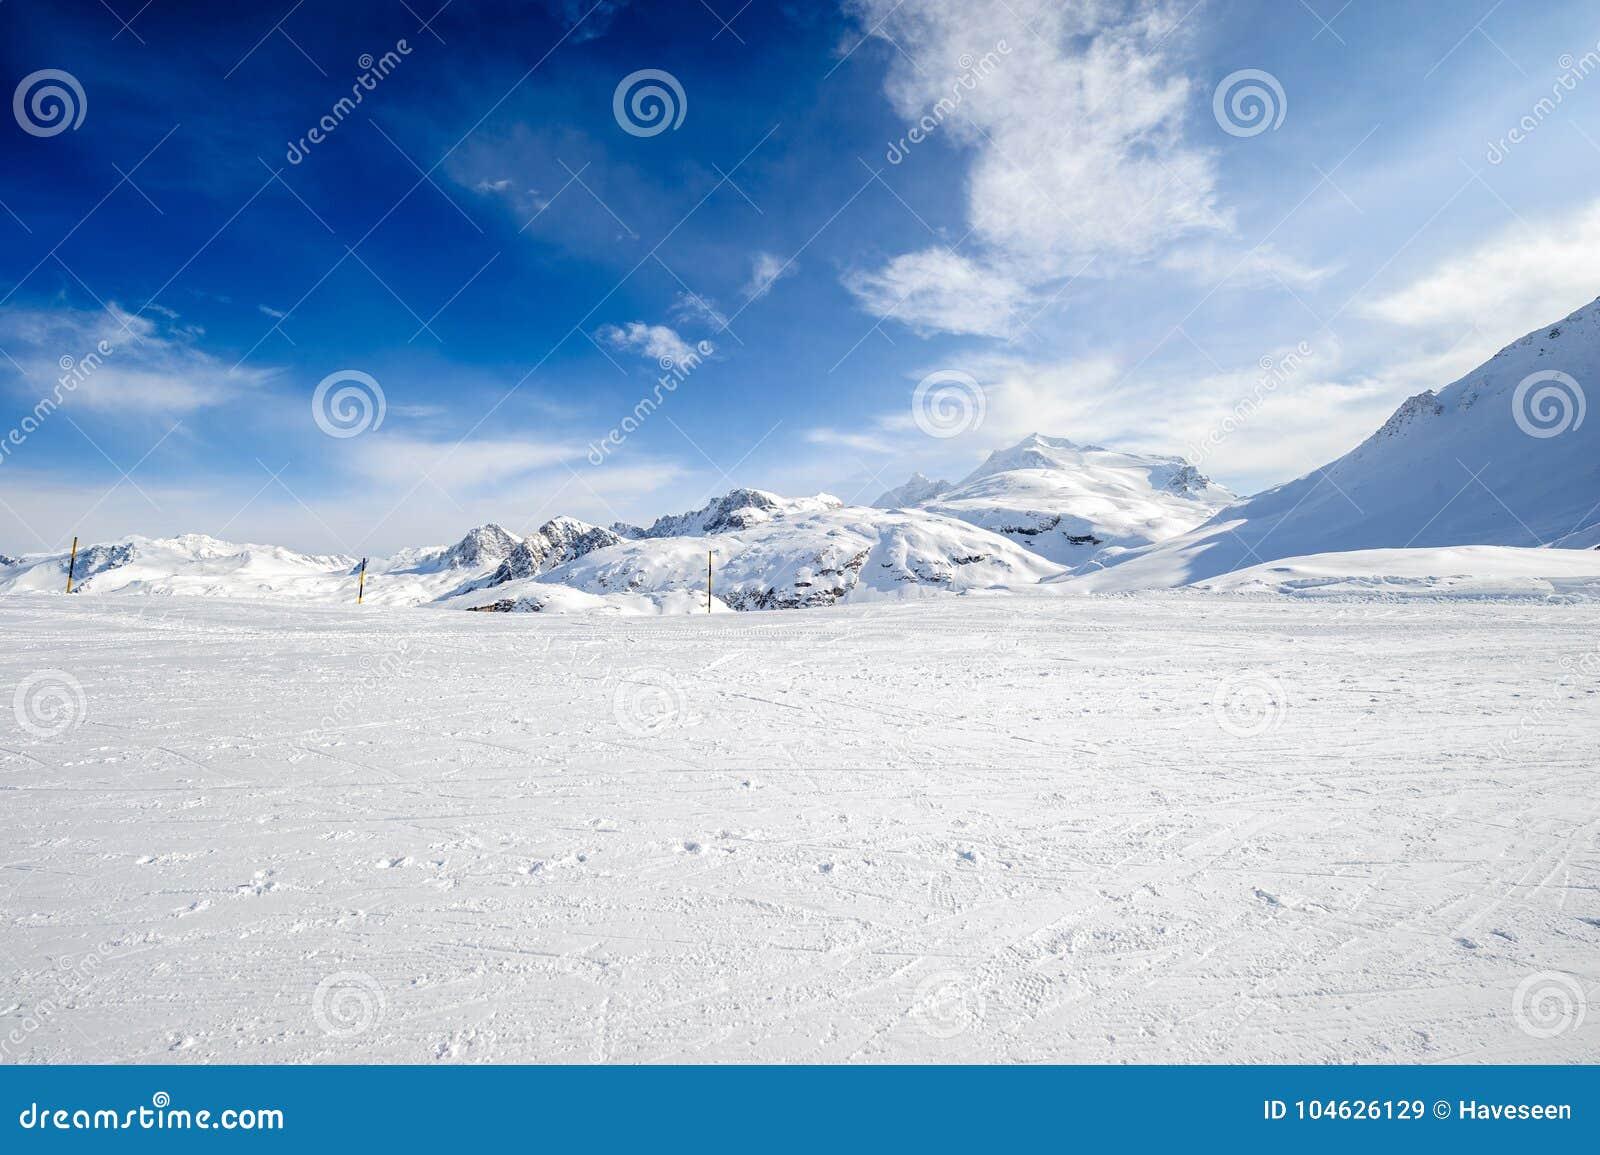 Download Het Alpiene Landschap Van De De Winterberg Franse Alpen Met Sneeuw Stock Afbeelding - Afbeelding bestaande uit zonnig, alpien: 104626129